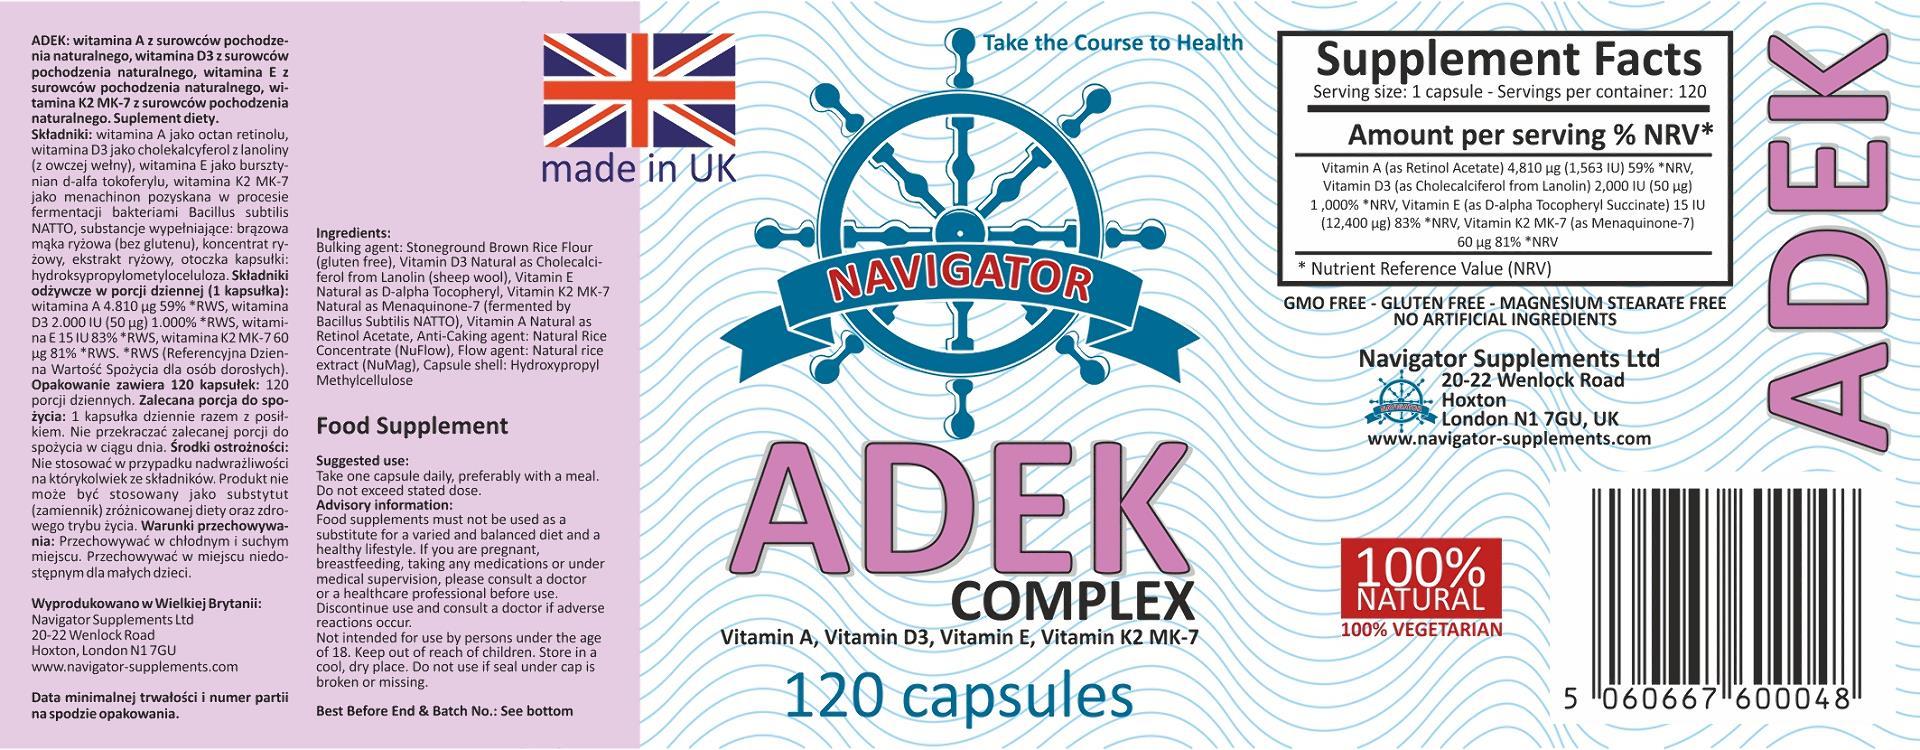 ADEK-Complex-120